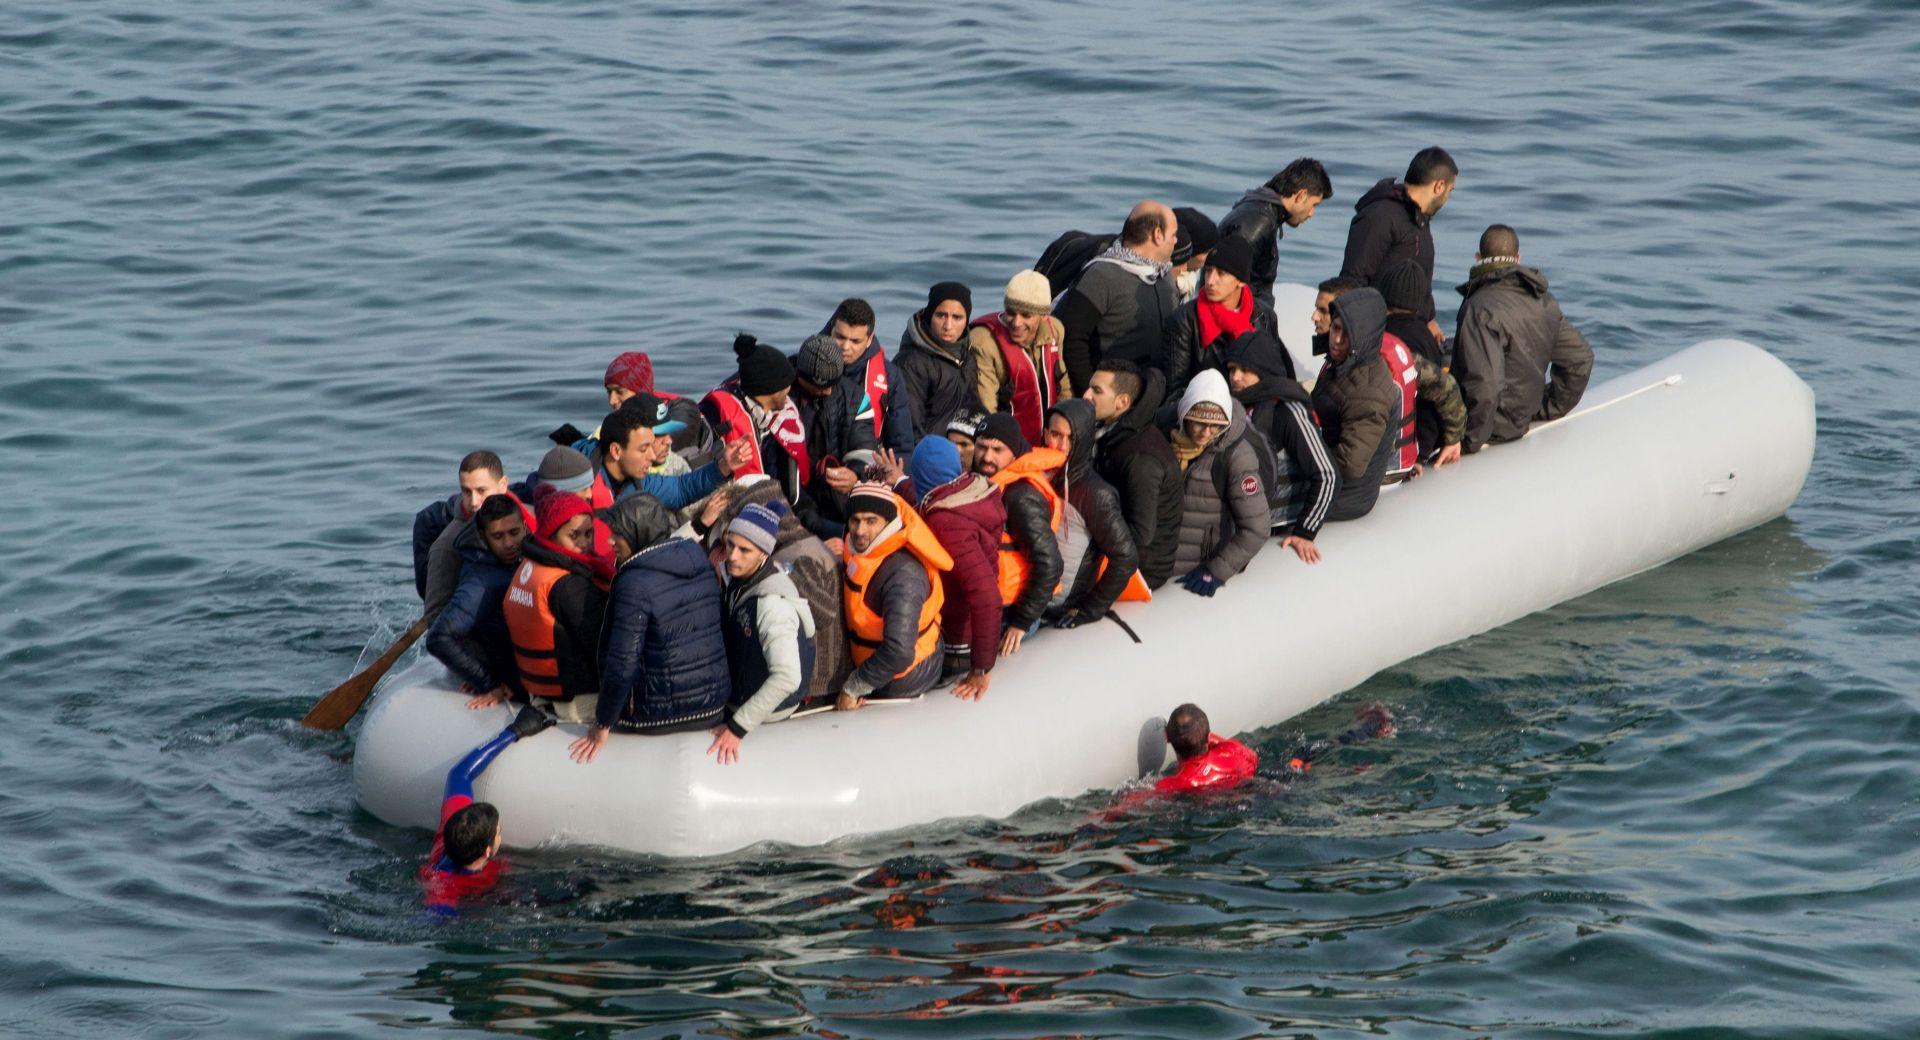 NOVI BRODOLOM U EGEJSKOM MORU U potonuću plovila s izbjeglicama utopilo se troje djece